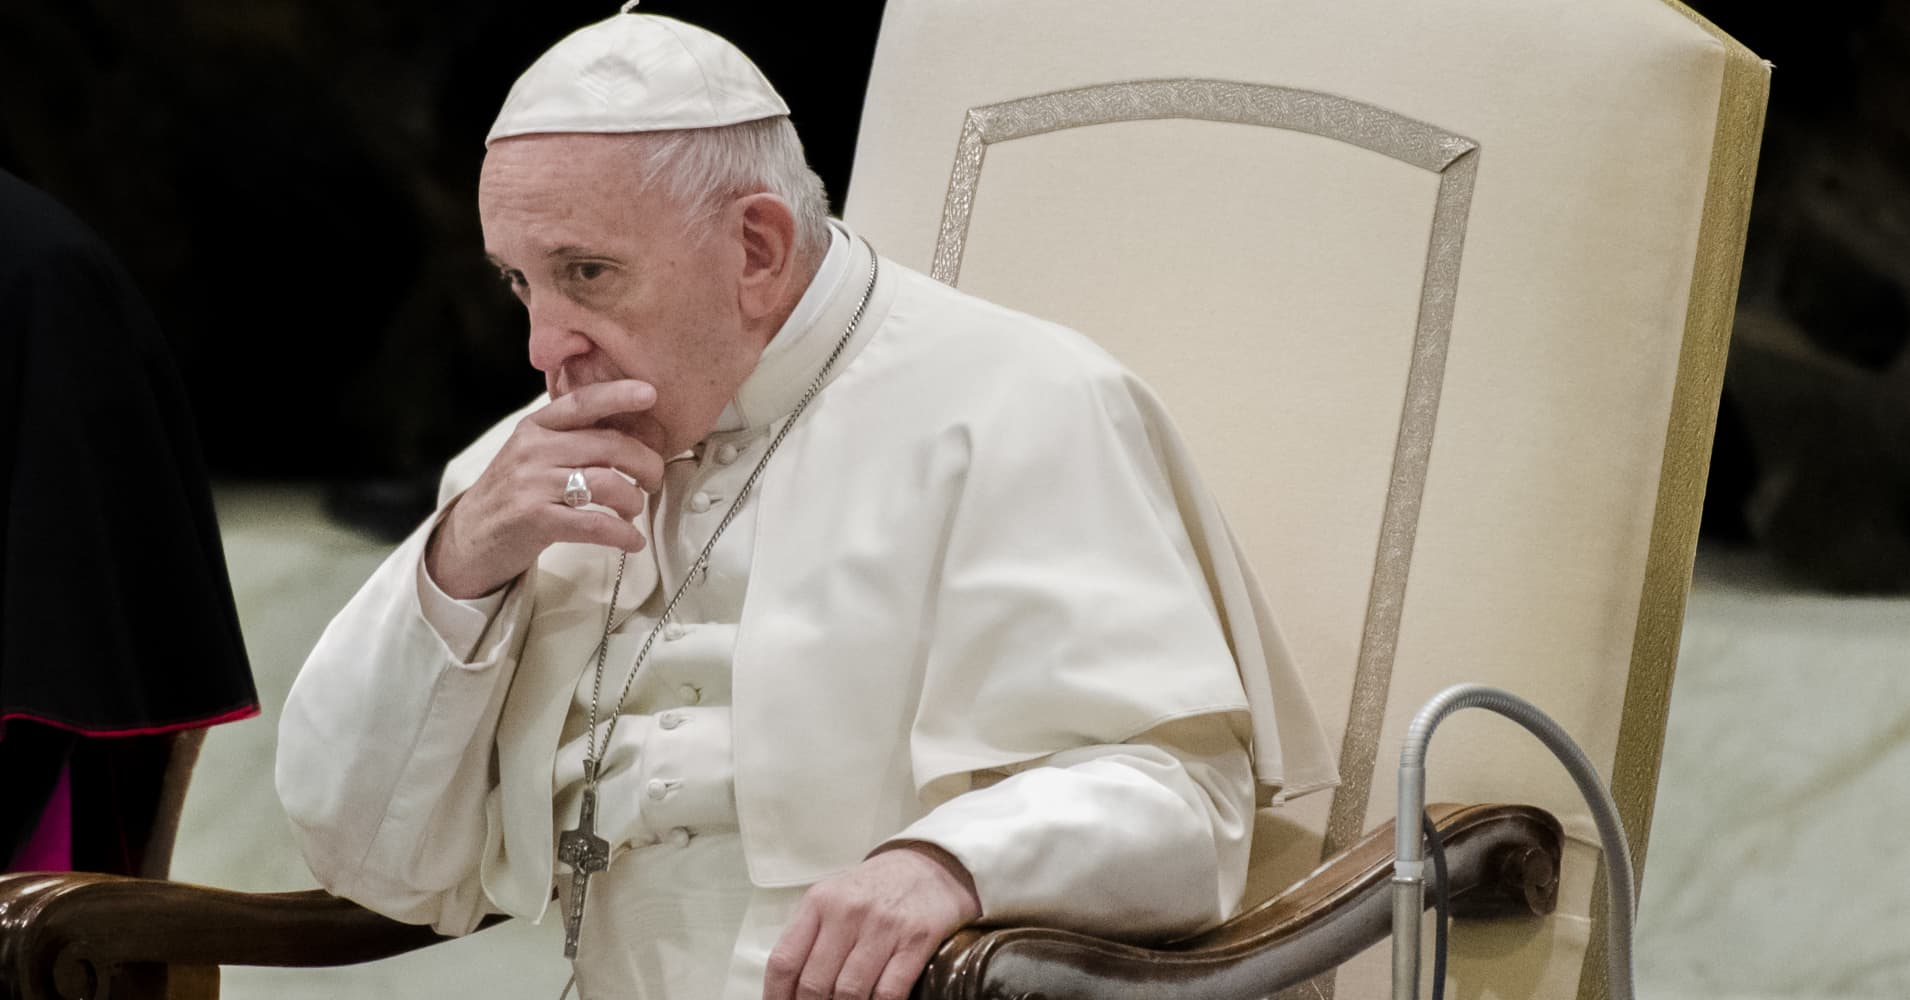 Pope bemoans disjointed world, praises unity over diversity